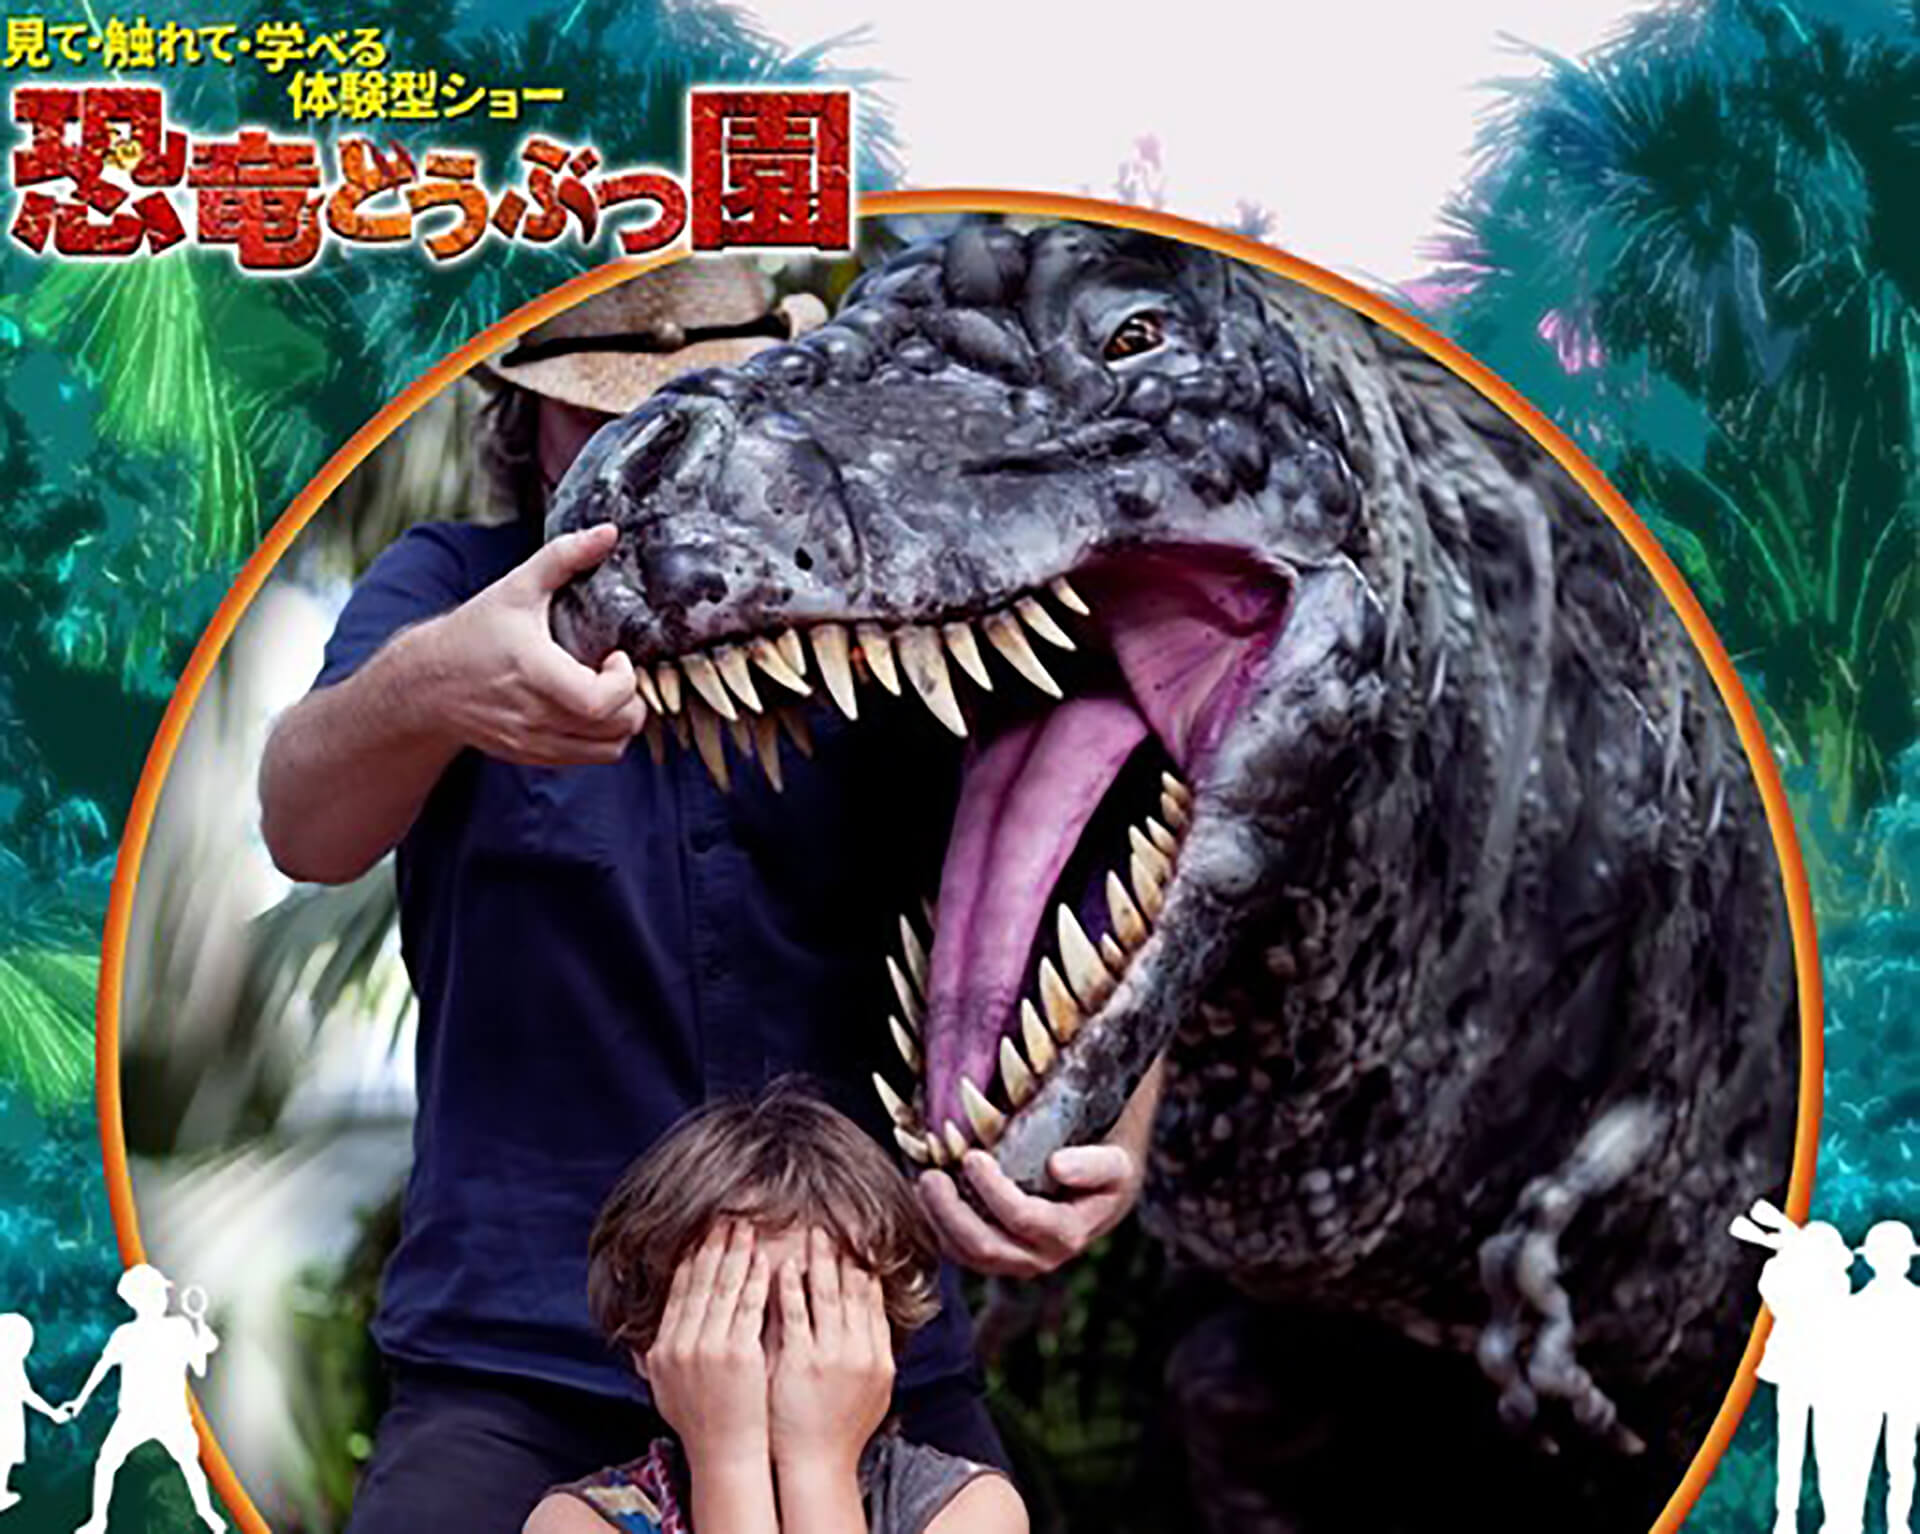 この写真は恐竜に食べられるかのようなシーンです